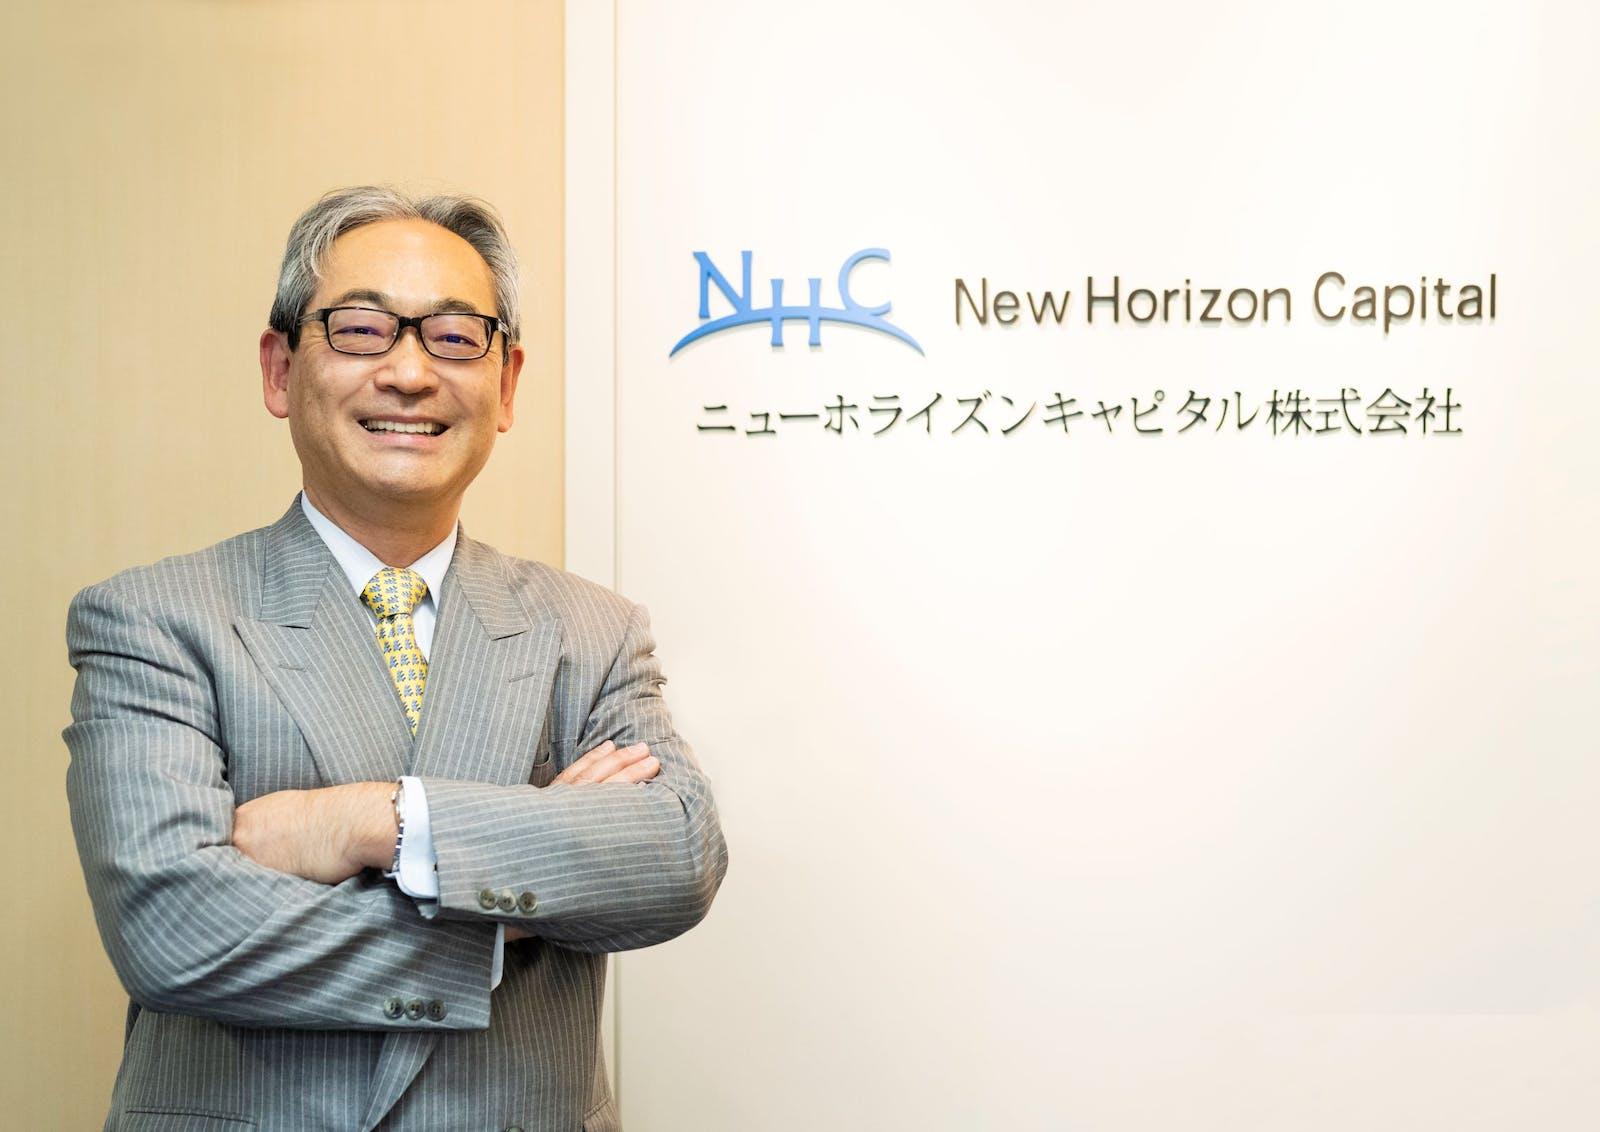 ニューホライズン キャピタル株式会社のアイキャッチ画像